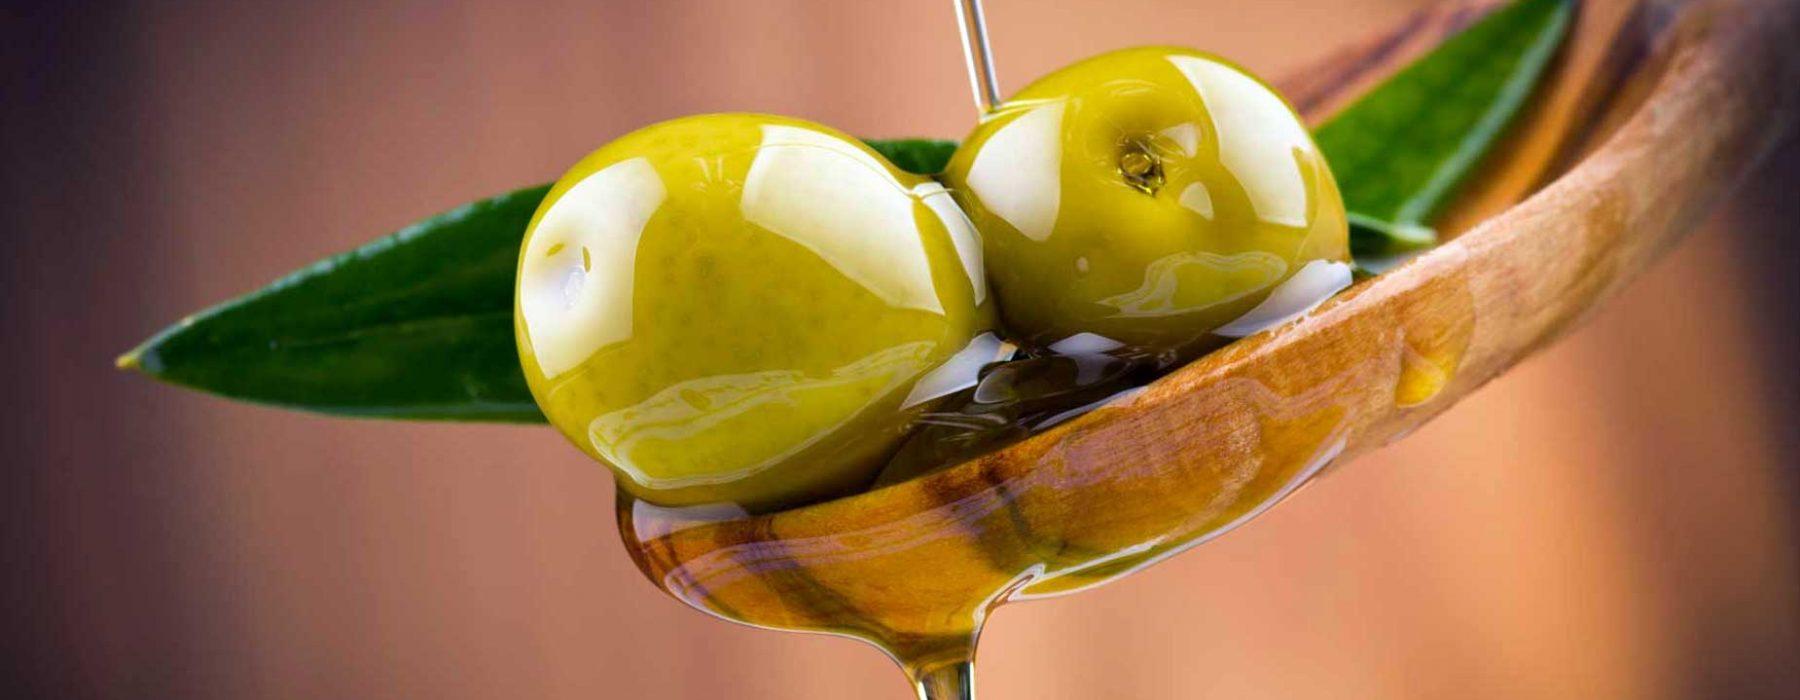 Lazio. The season of oil presses, olives and olive oil